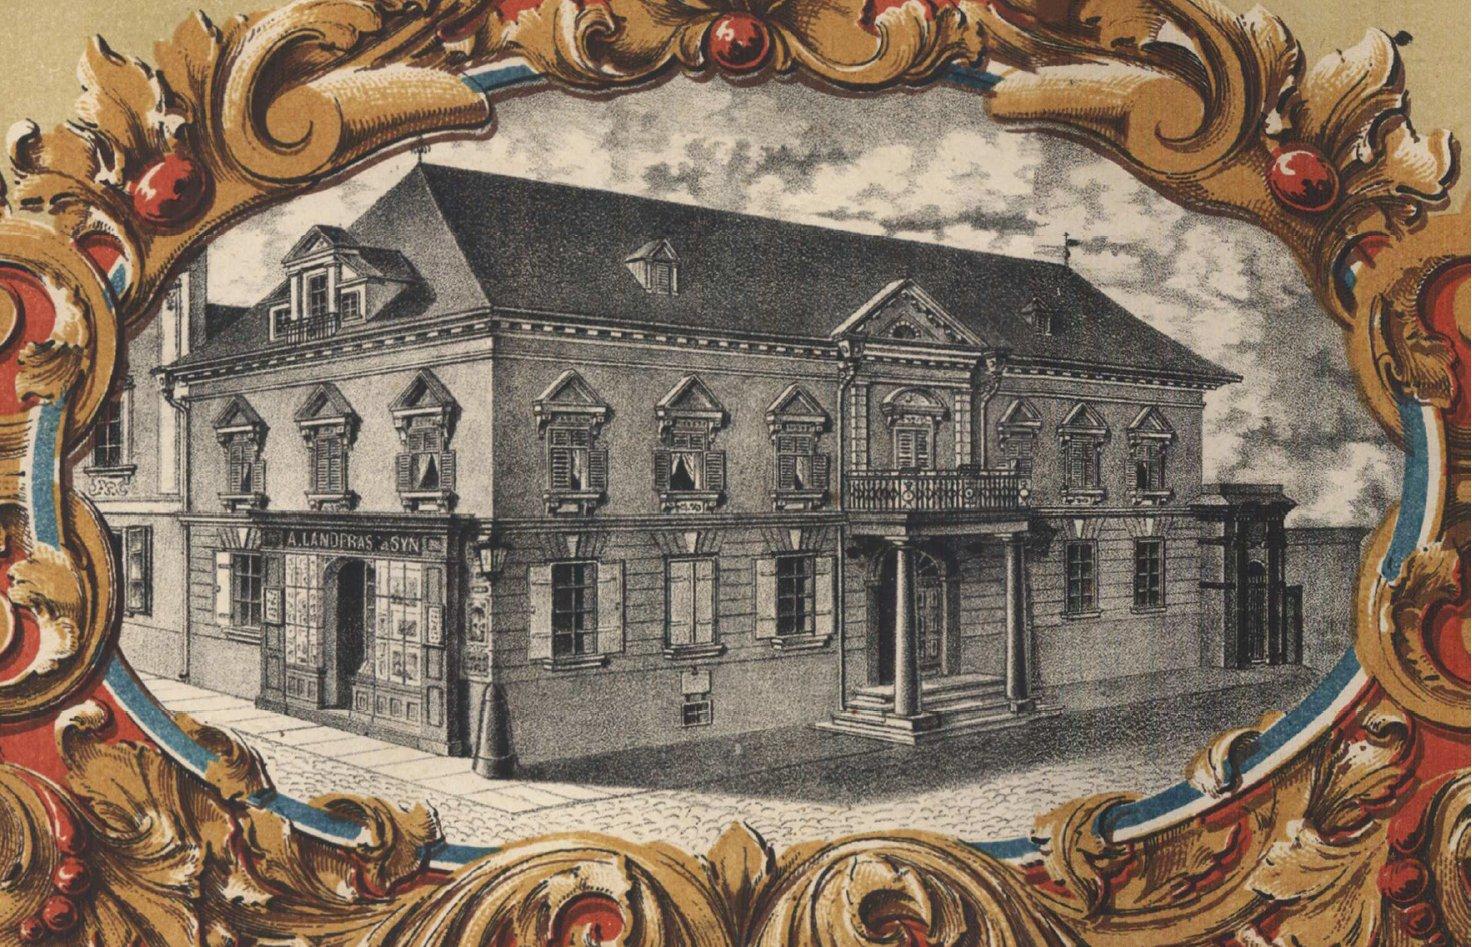 Socha sv. Aloise (Jindřichohradecké sochy a památníky #7)